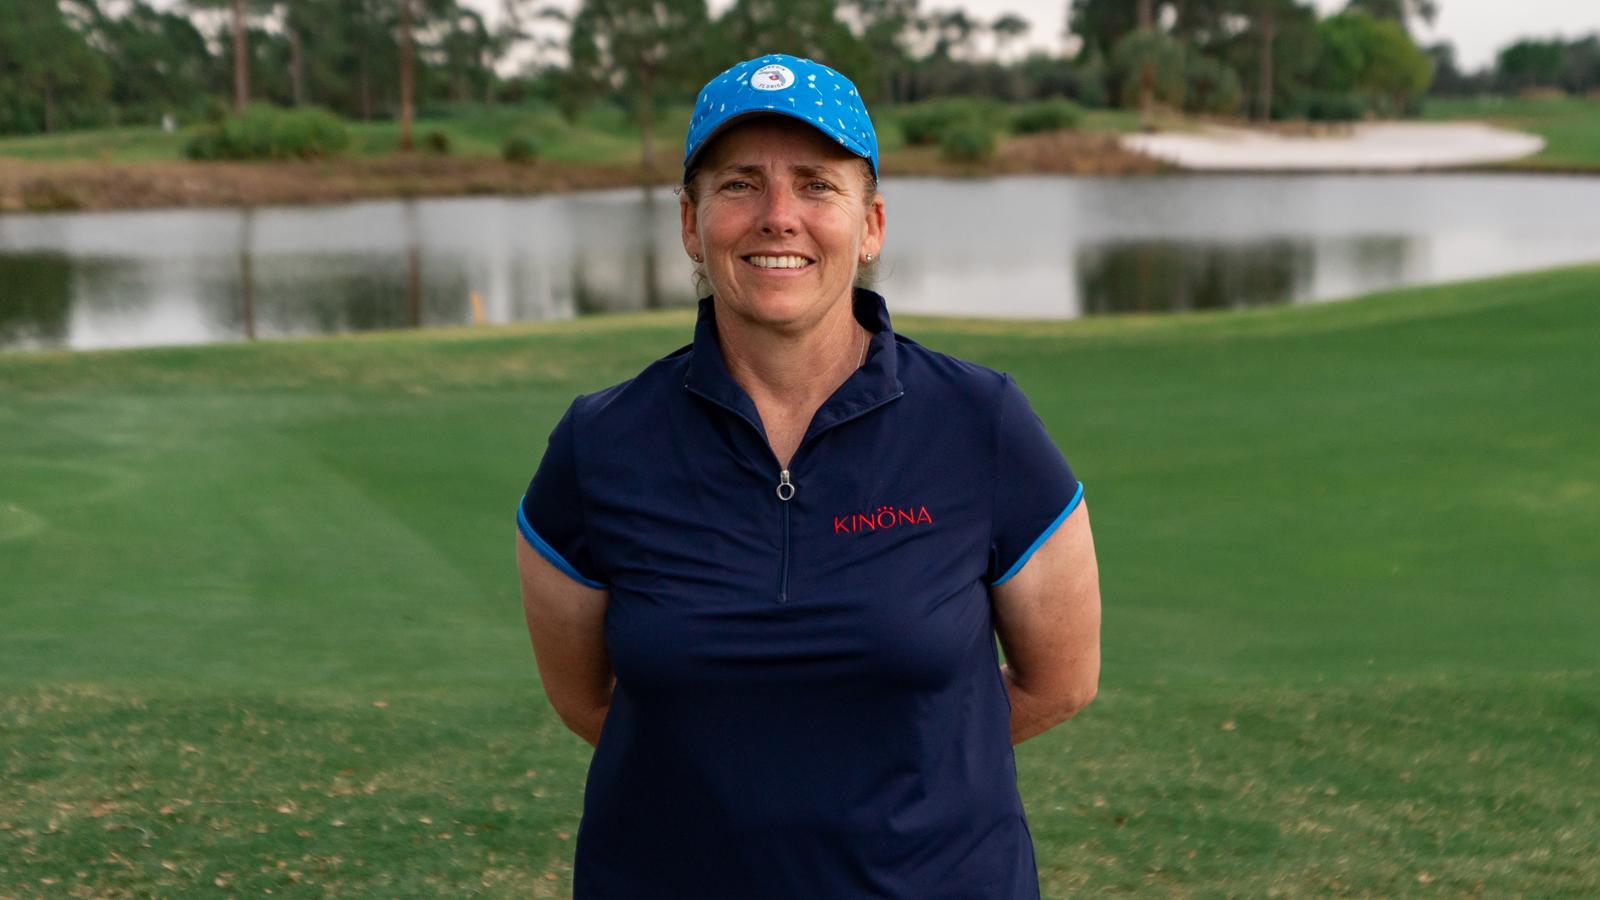 Moira Dunn-Bohls, LPGA